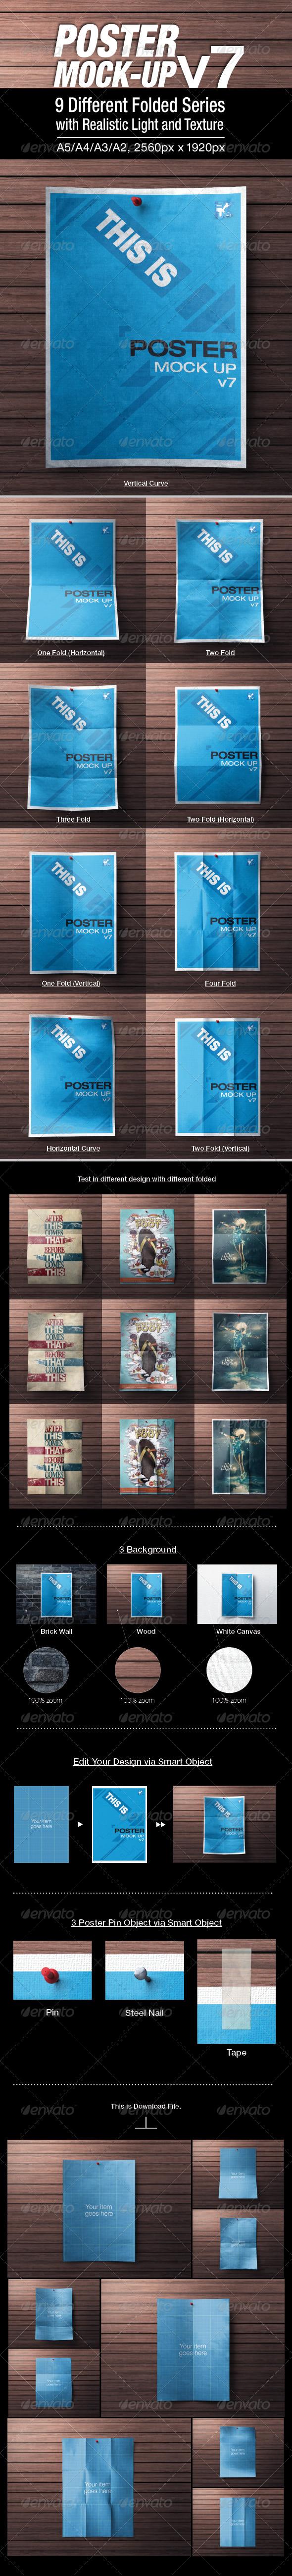 GraphicRiver Poster Mock-up v7 6608446